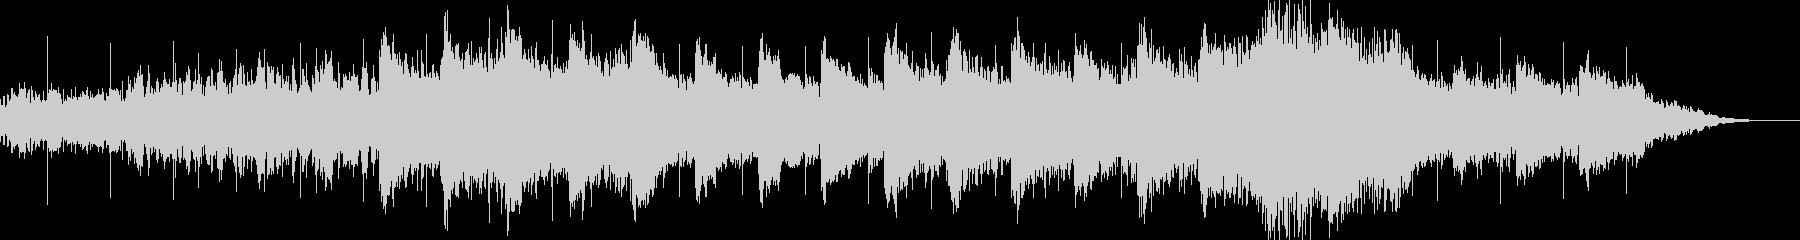 アンビエント環境音楽ヒーリング-13の未再生の波形